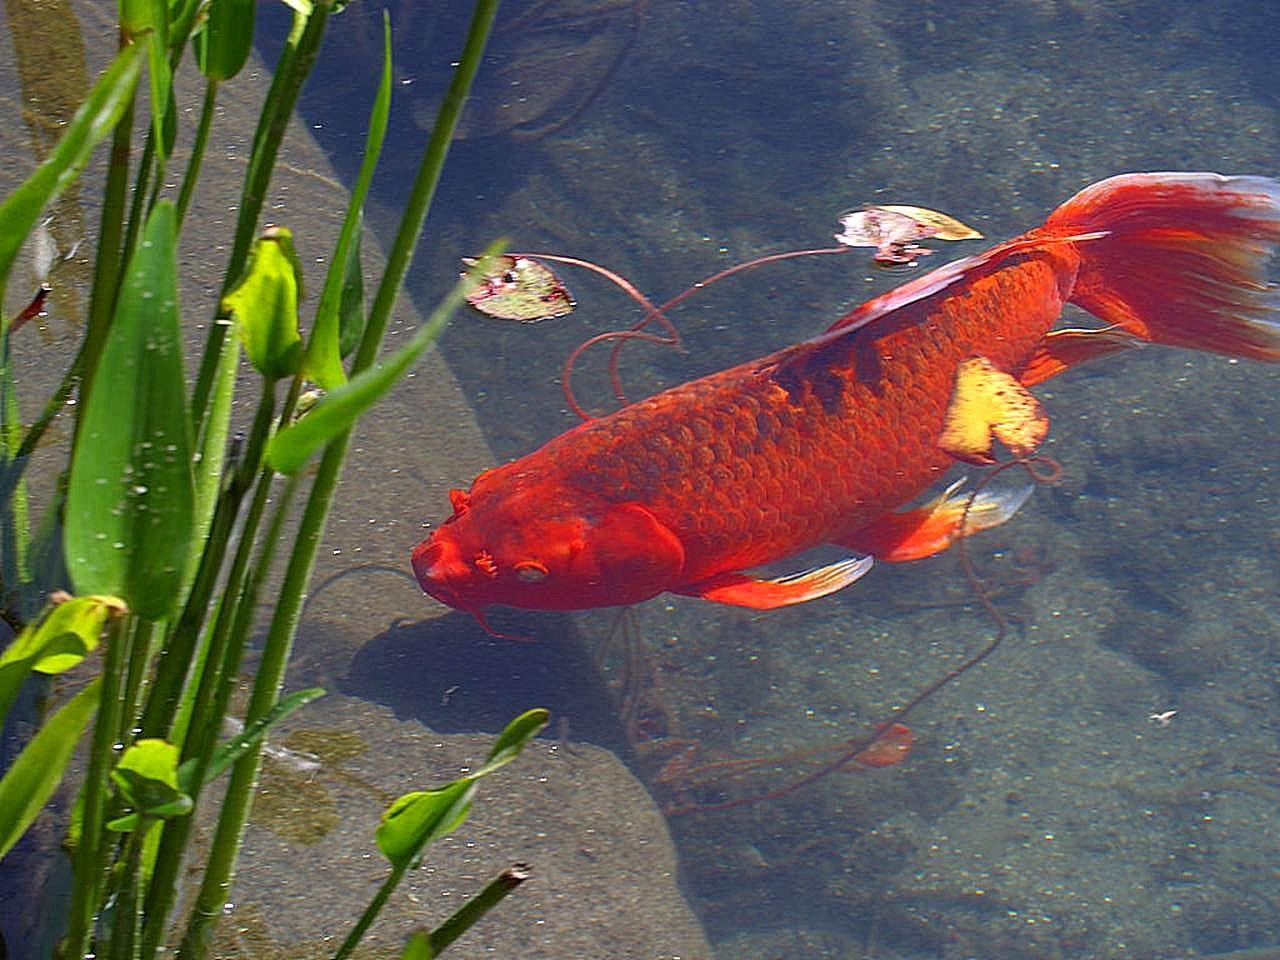 FileRed Goldfish Animaljpg Wikimedia Commons